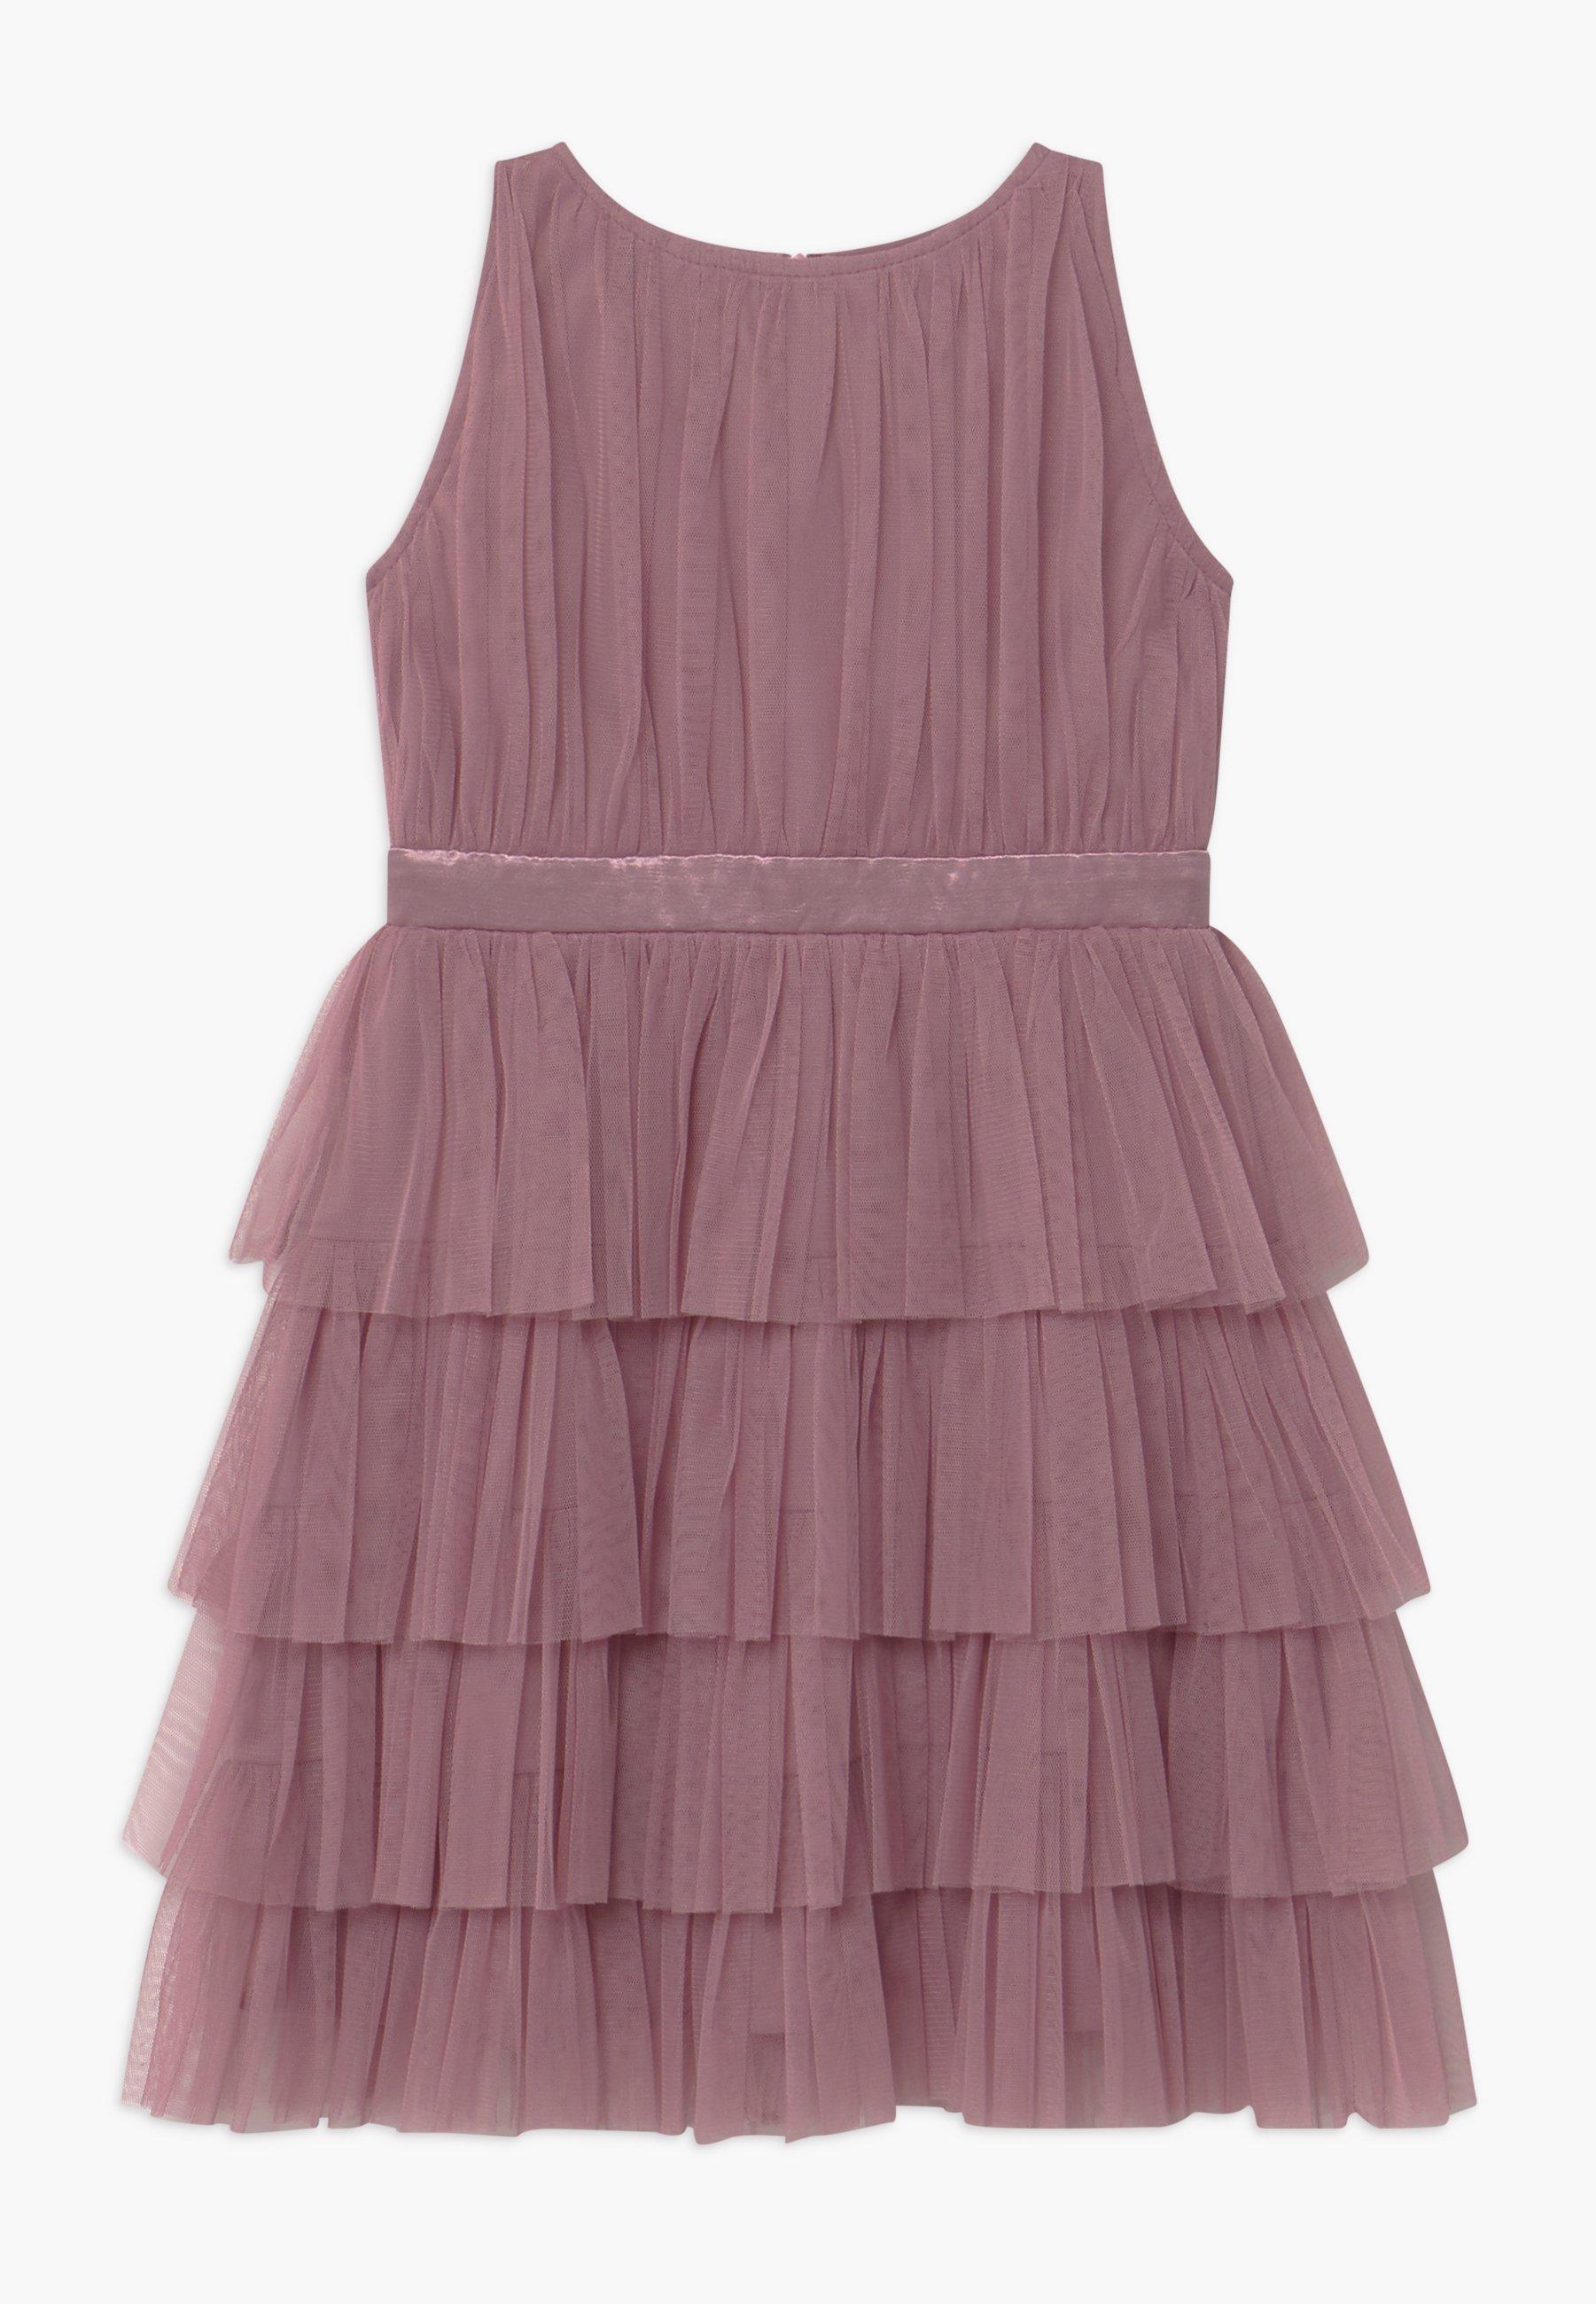 Klänningar | Barn | Snygga barnklänningar online på Zalando.se